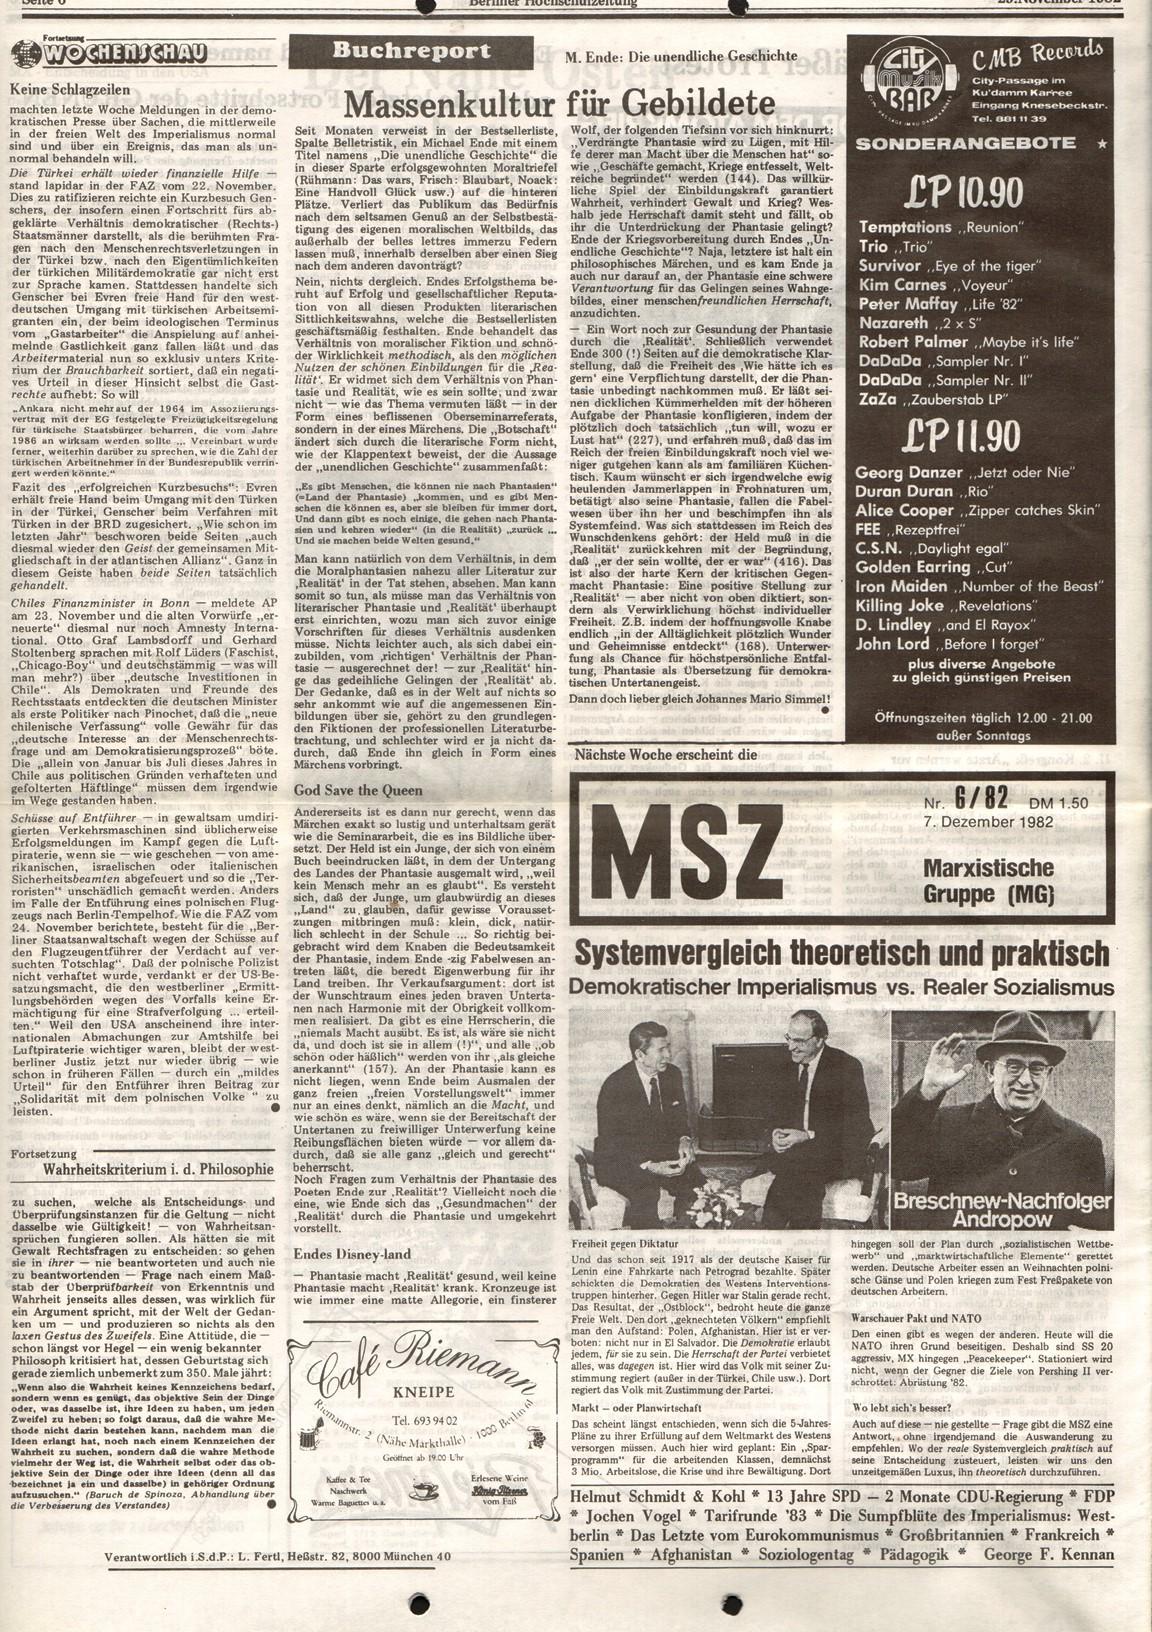 Berlin_MG_Hochschulzeitung_19821129_06